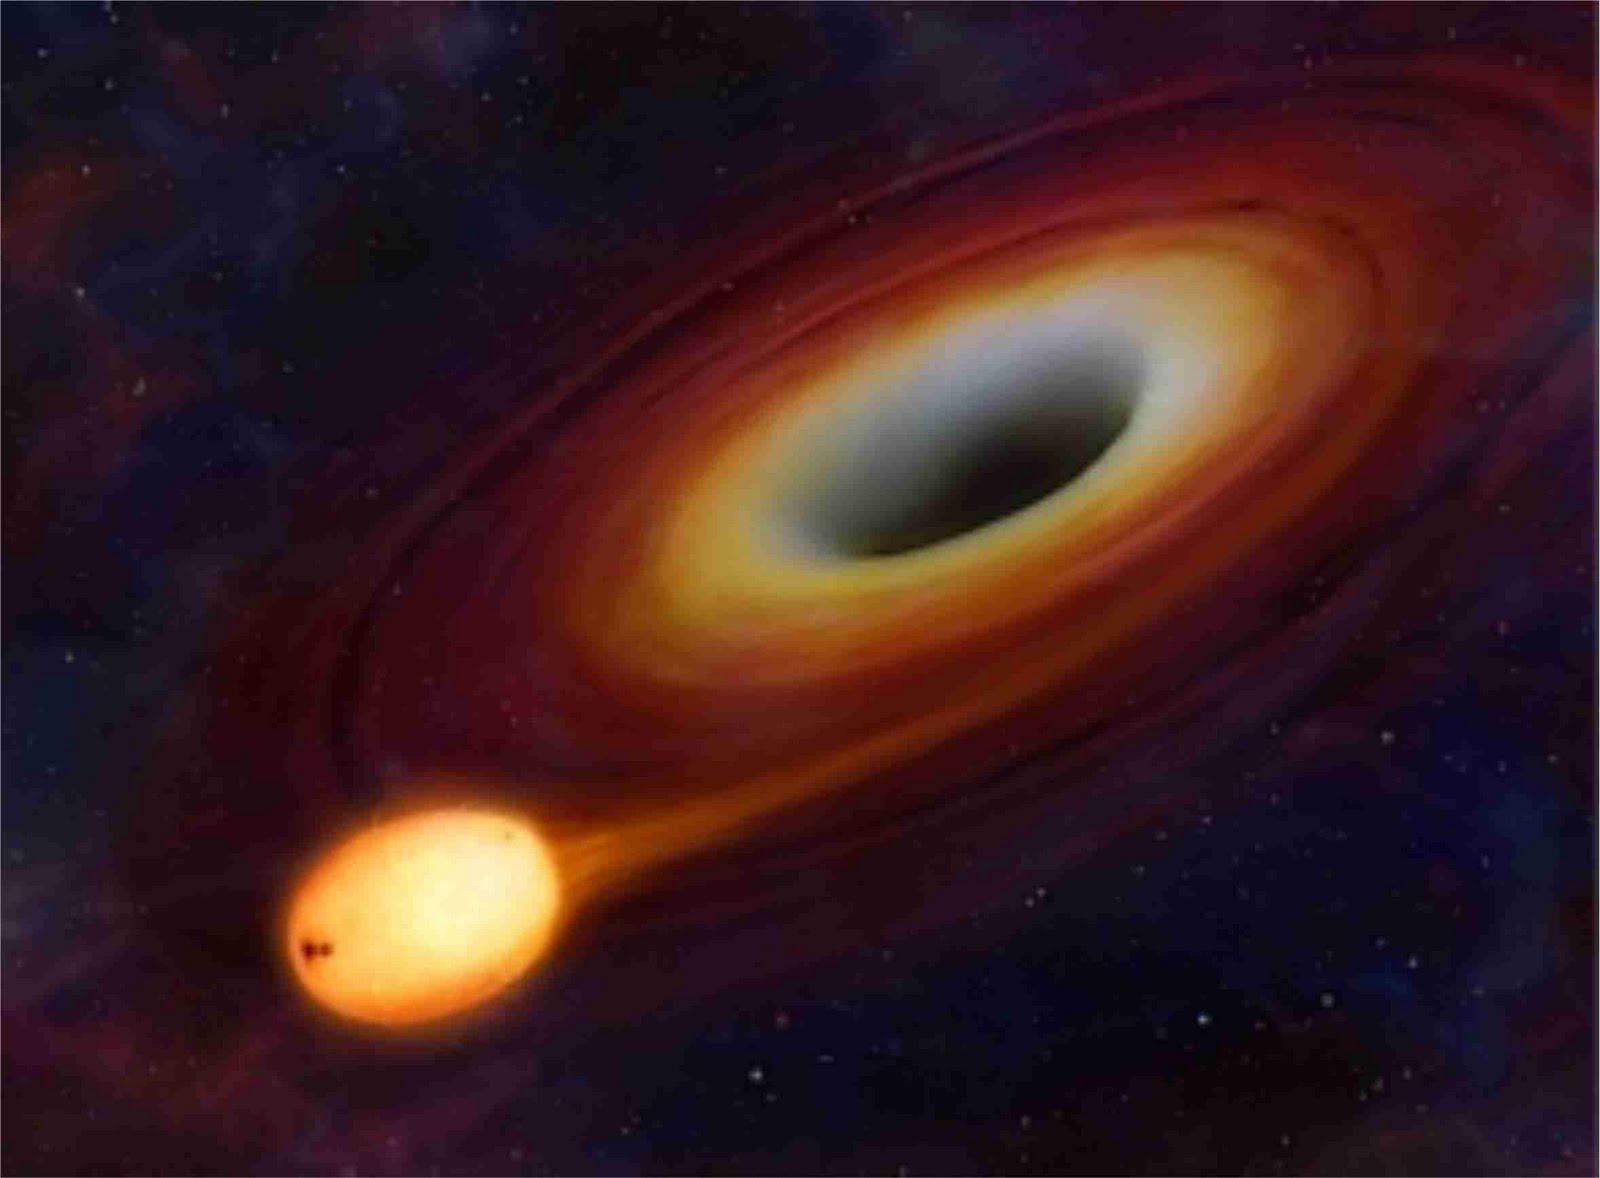 Cientistas encontram buraco negro enorme em galáxia anã